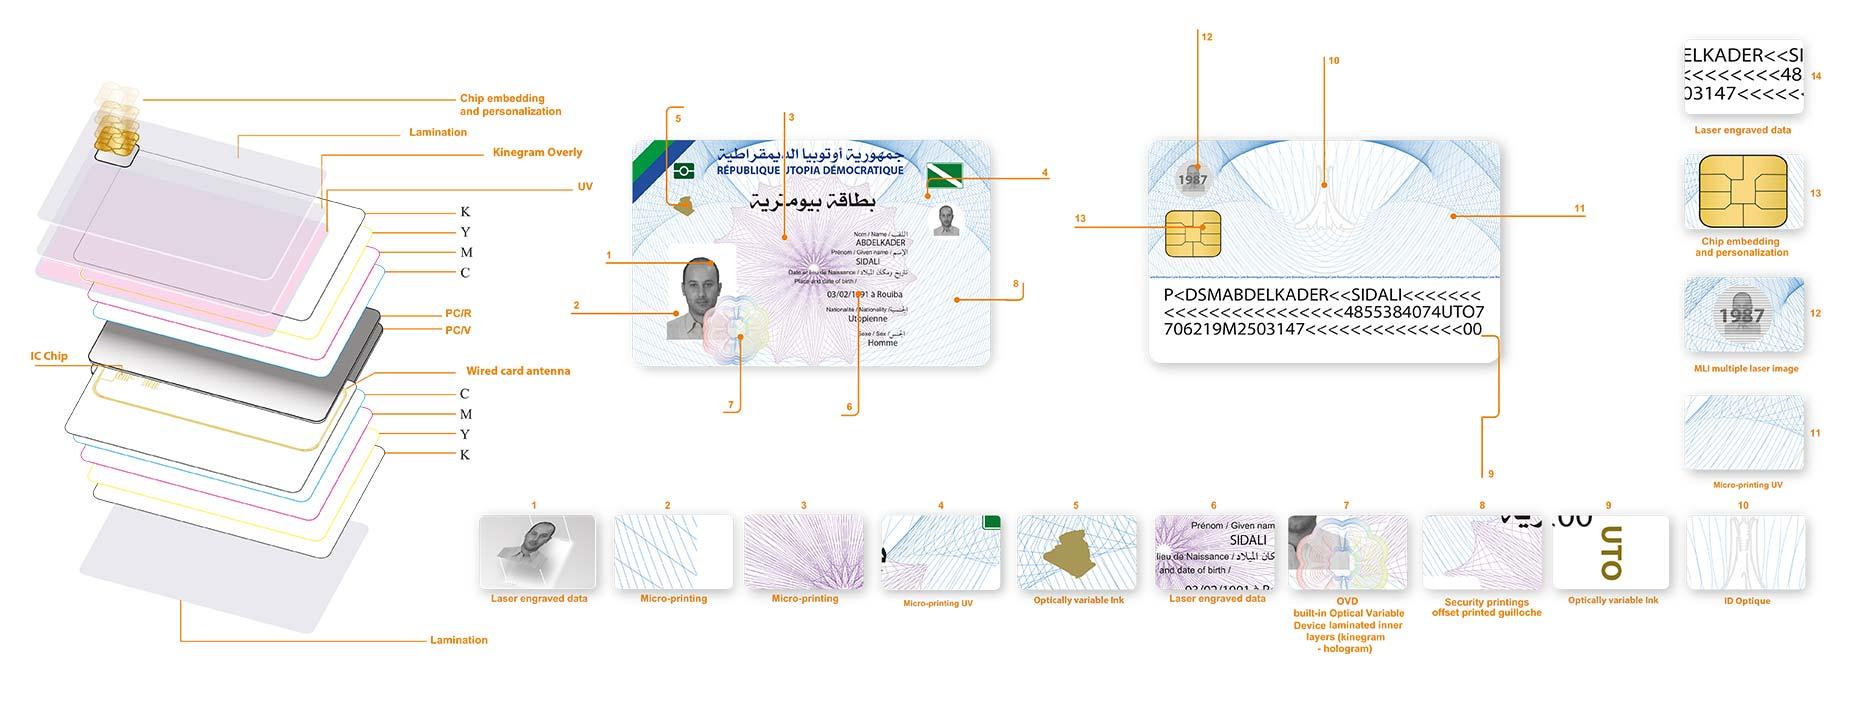 Bimetric Card